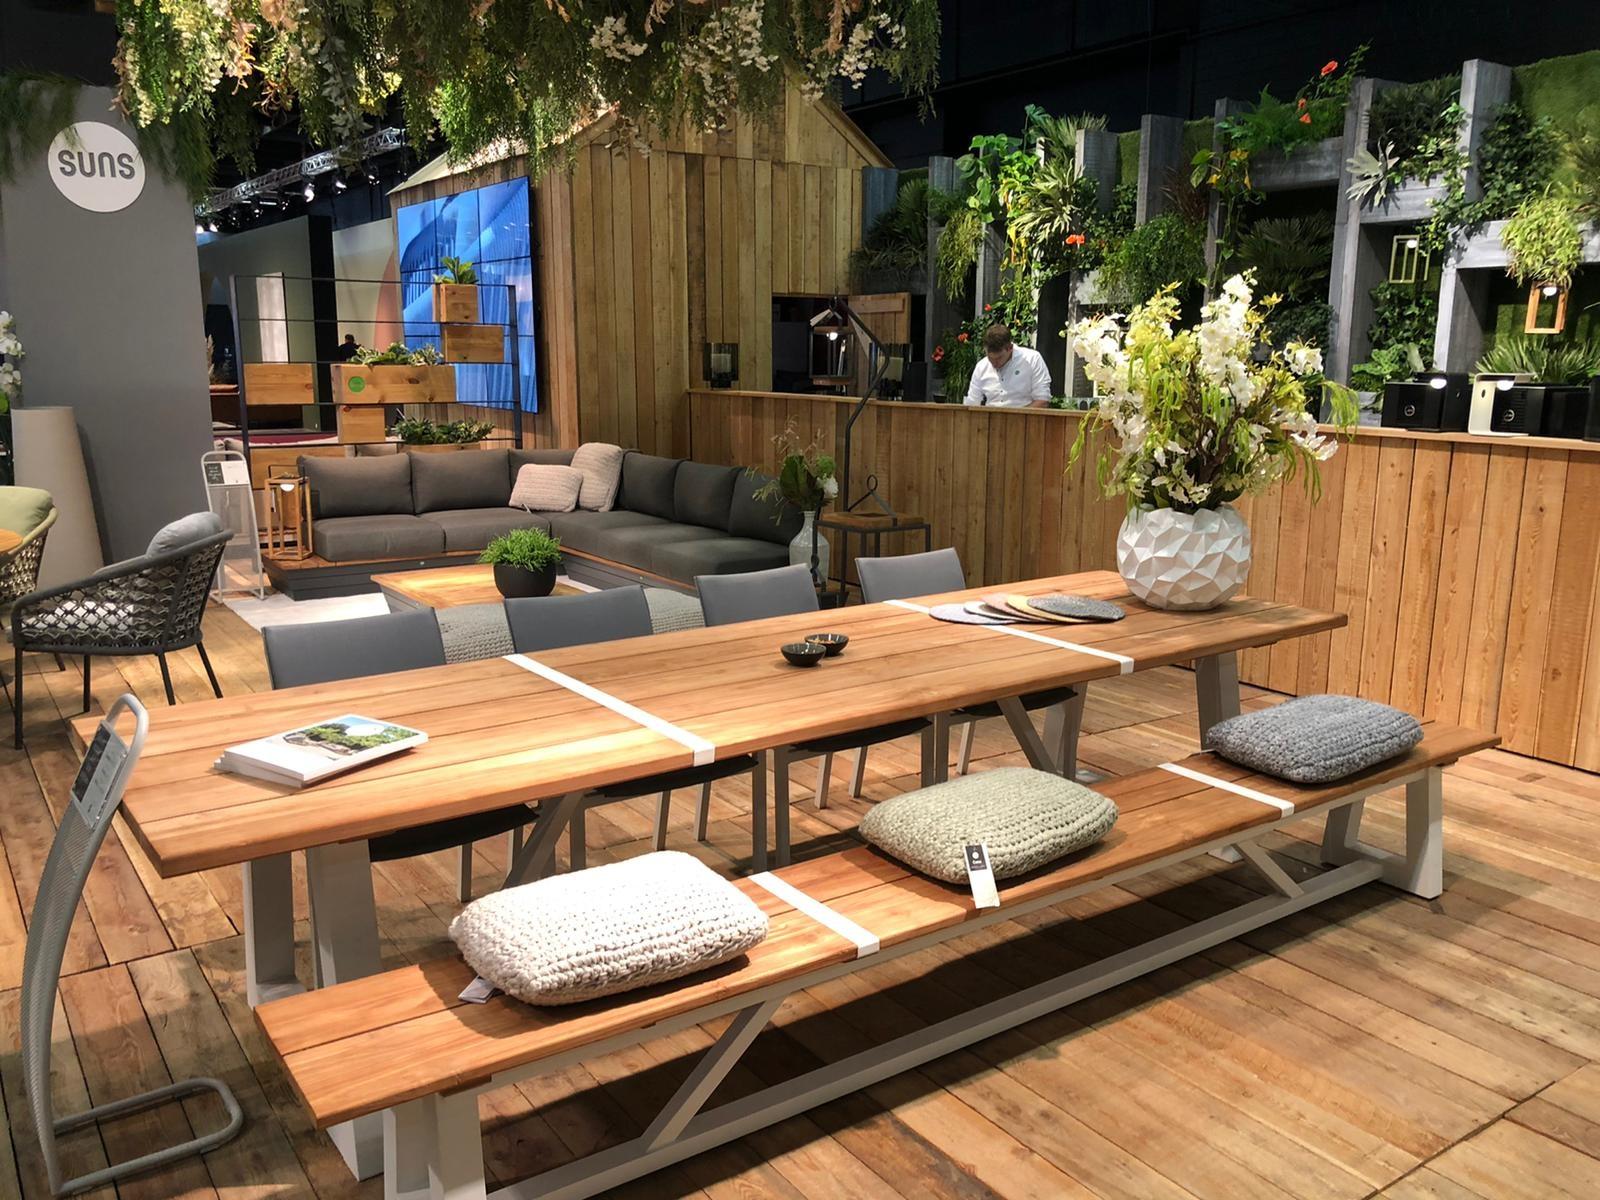 Luxe Tuin Inrichting doet verslag van de IMM Keulen 2020